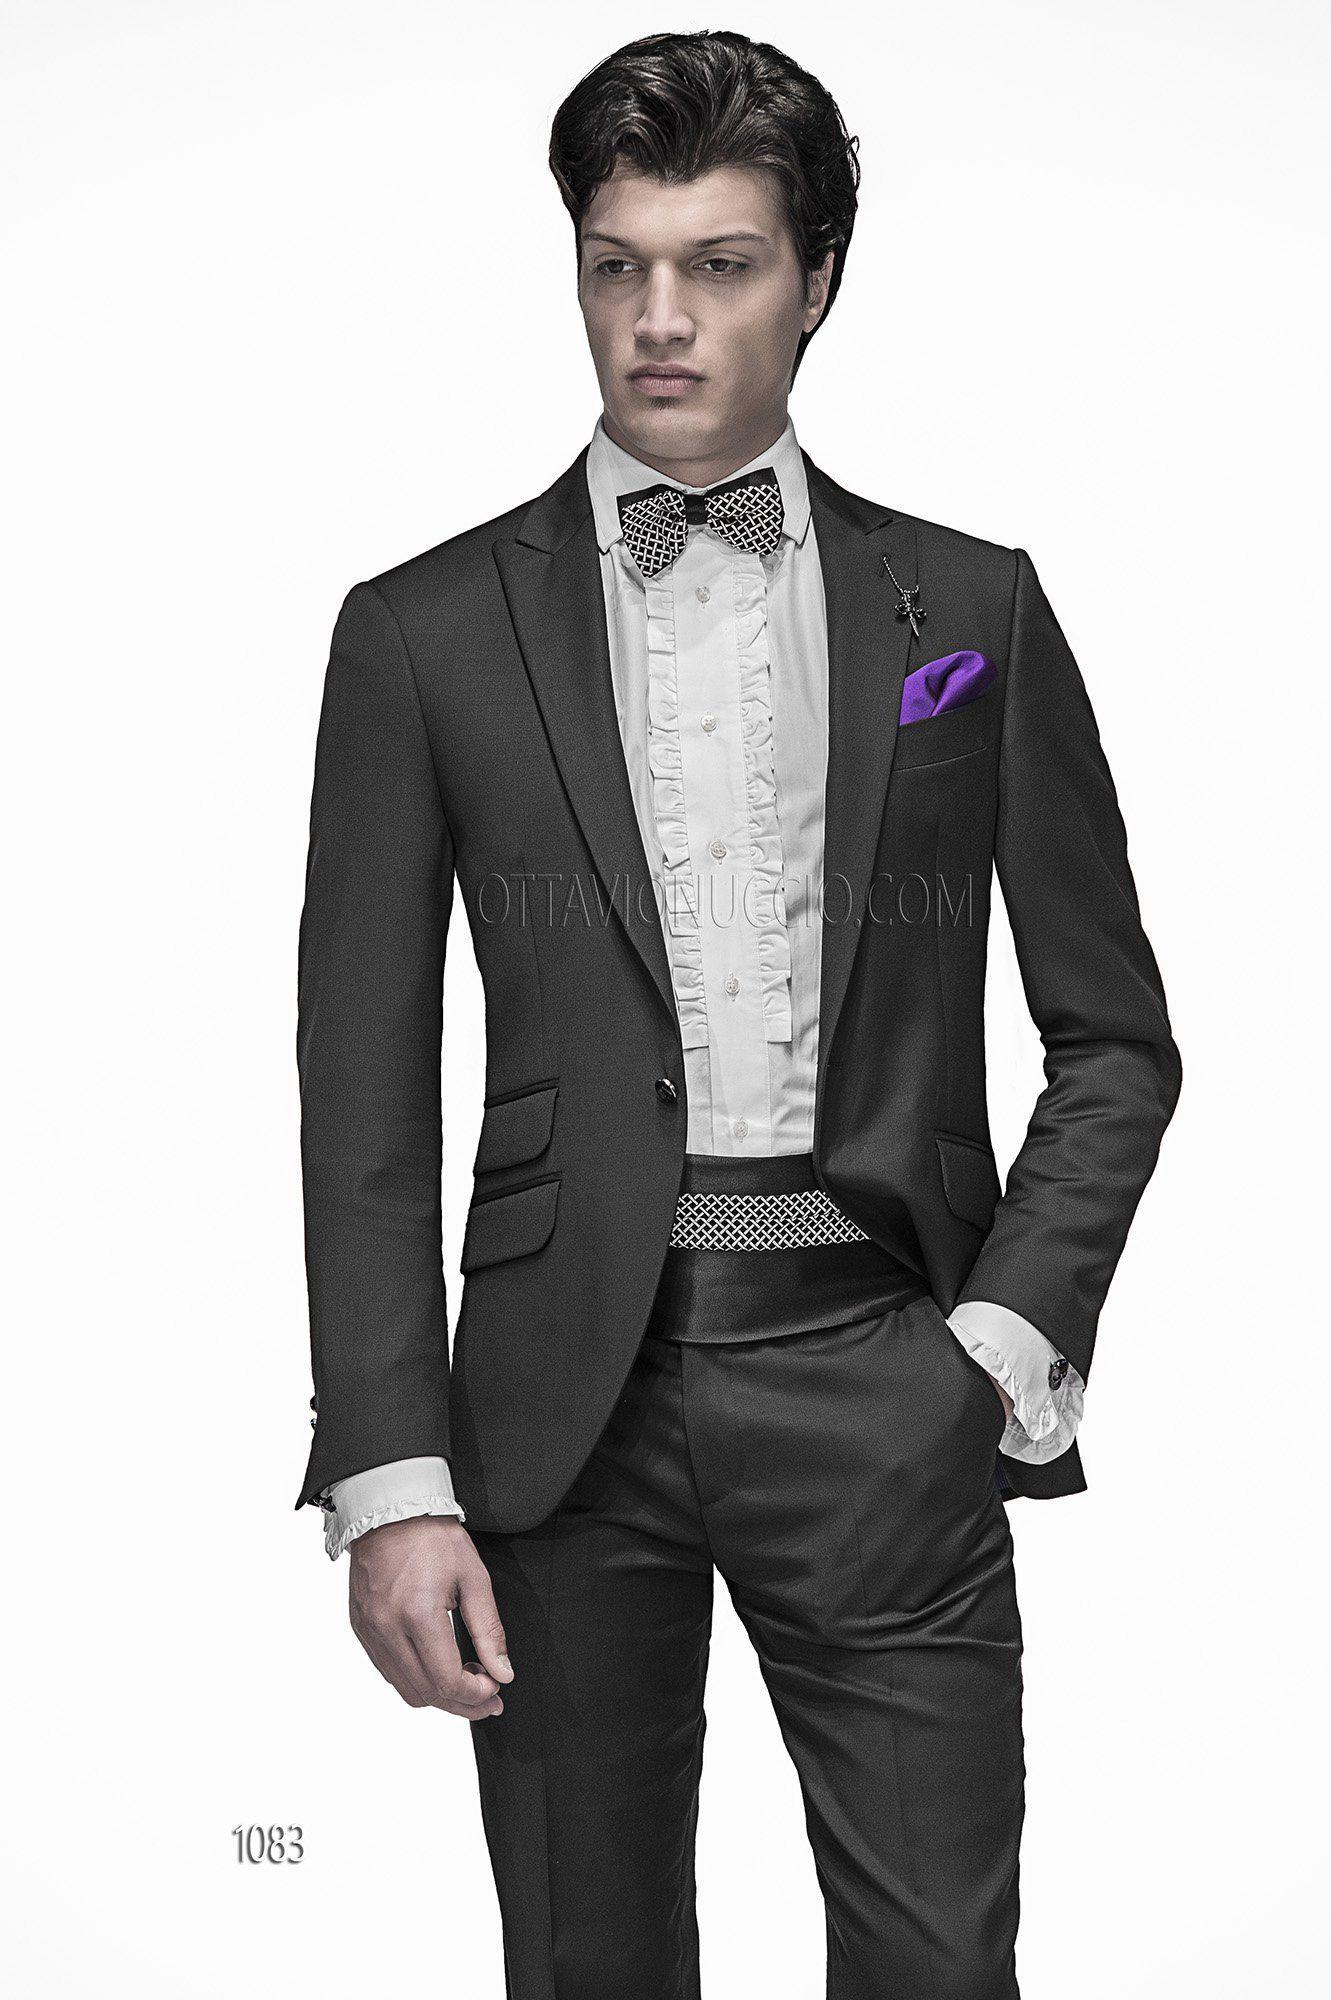 705fc3fbbdc5 Abito da cerimonia uomo in pura lana nero con fascia e papillon   Black  Pure Wool Groom Suits   Trajes de novio italianos en pura lana negro